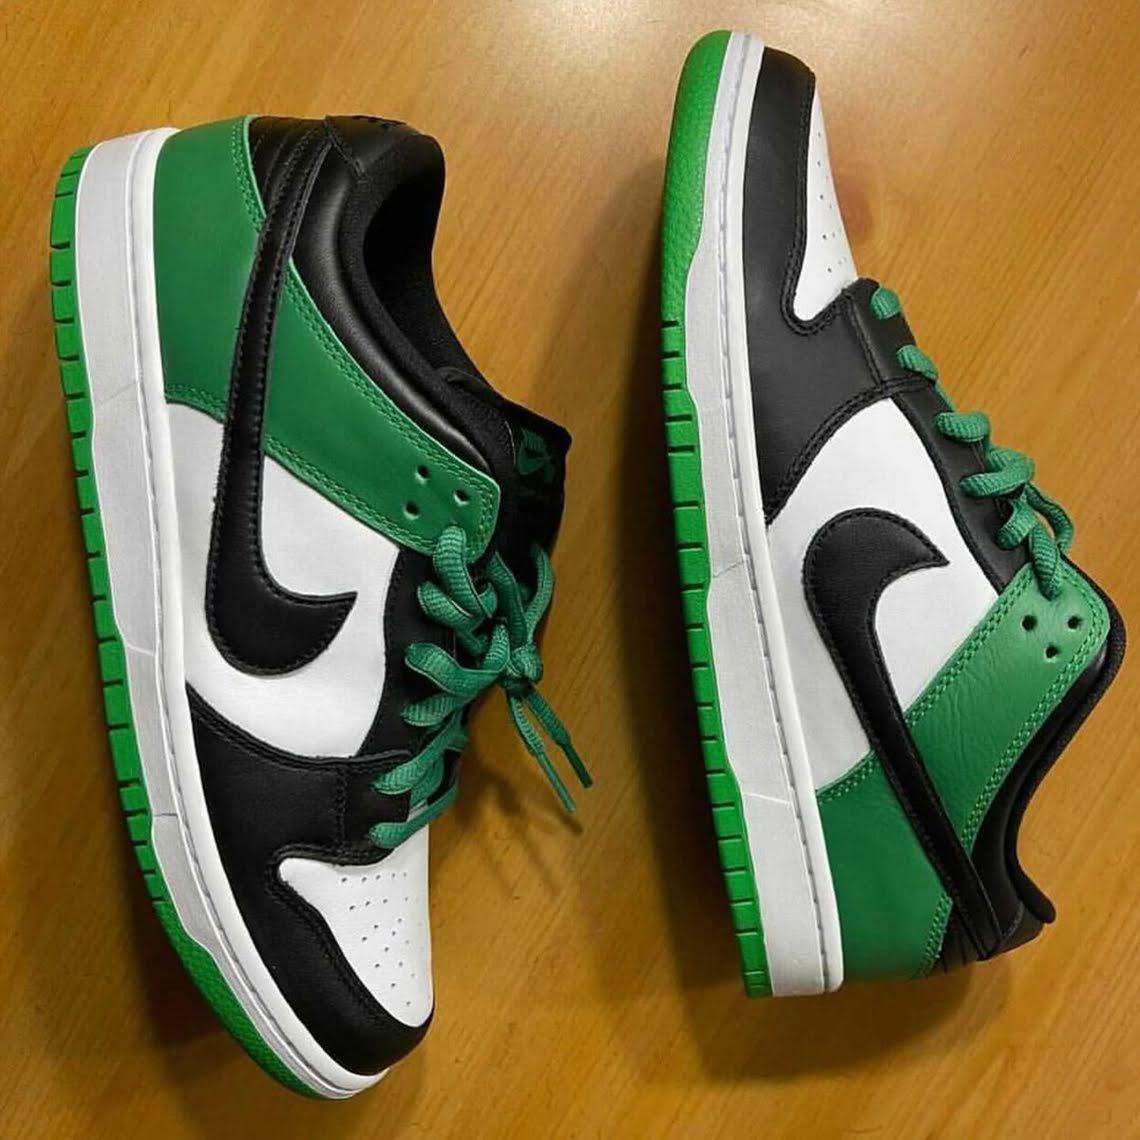 """ナイキ SB ダンク ロー """"J-パック"""" Nike-SB-Dunk-Low-J-Pack-BQ6817-302-pair-side"""